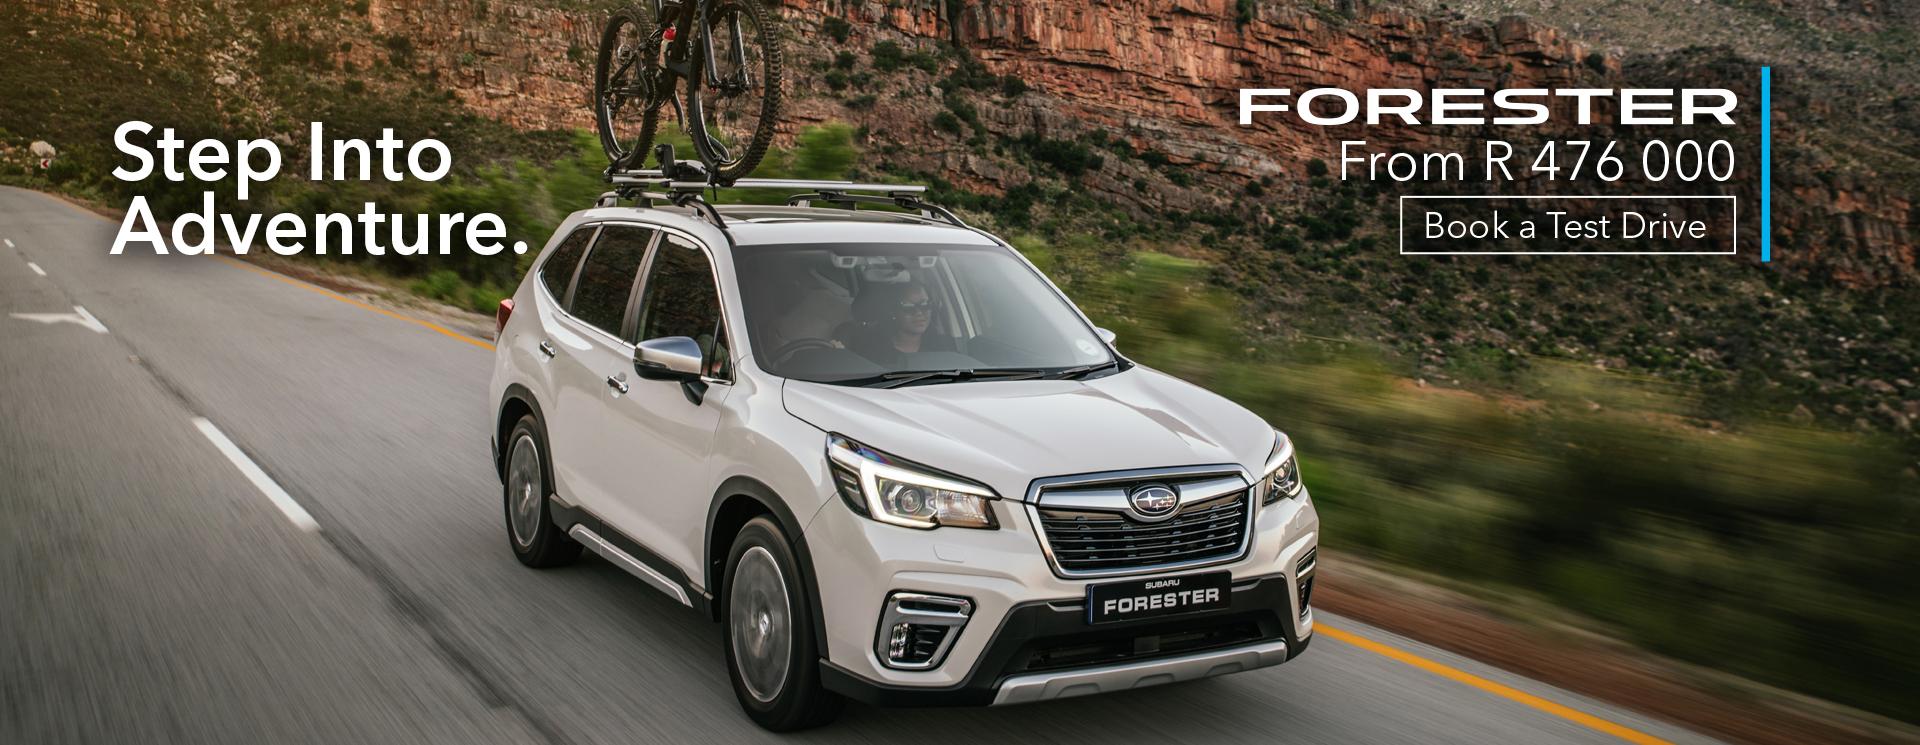 Subaru Forester Family Car